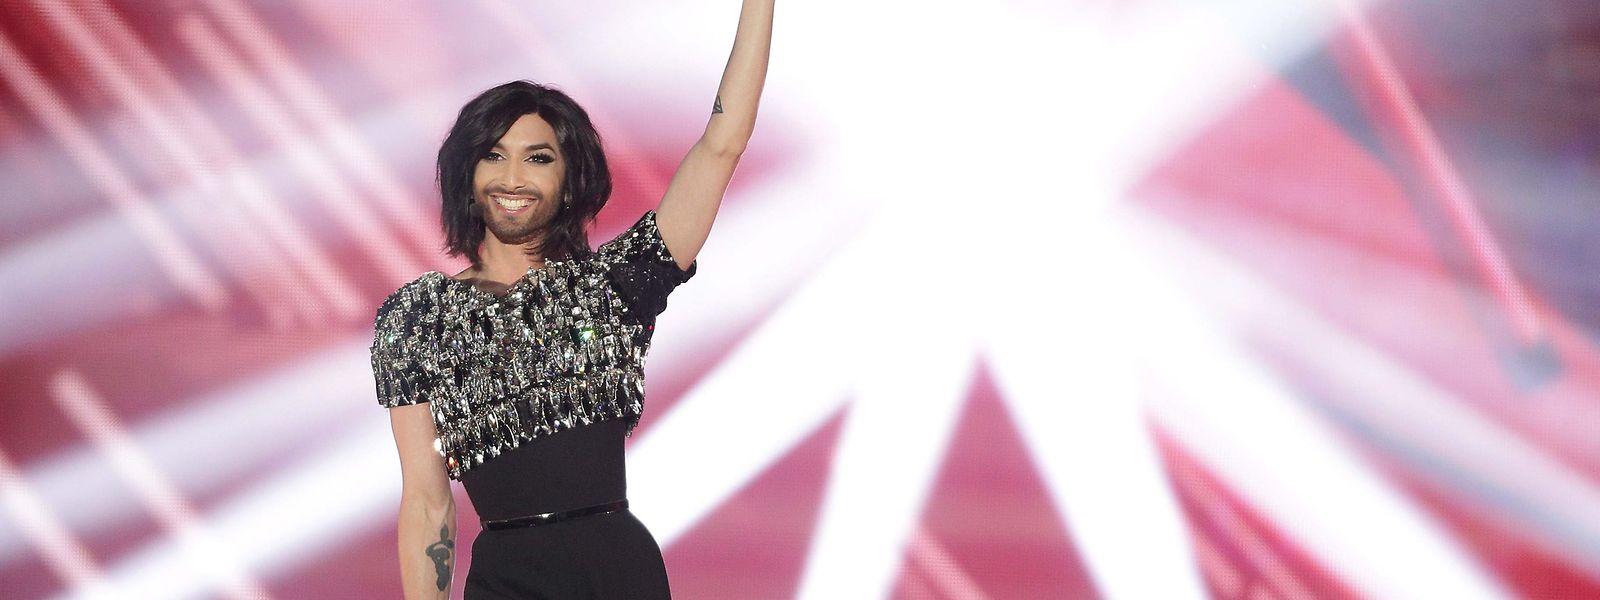 Die singende Dragqueen Conchita Wurst, der beim Eurovision Song Contest 2014 die Herzen zuflogen, ist Geschichte.